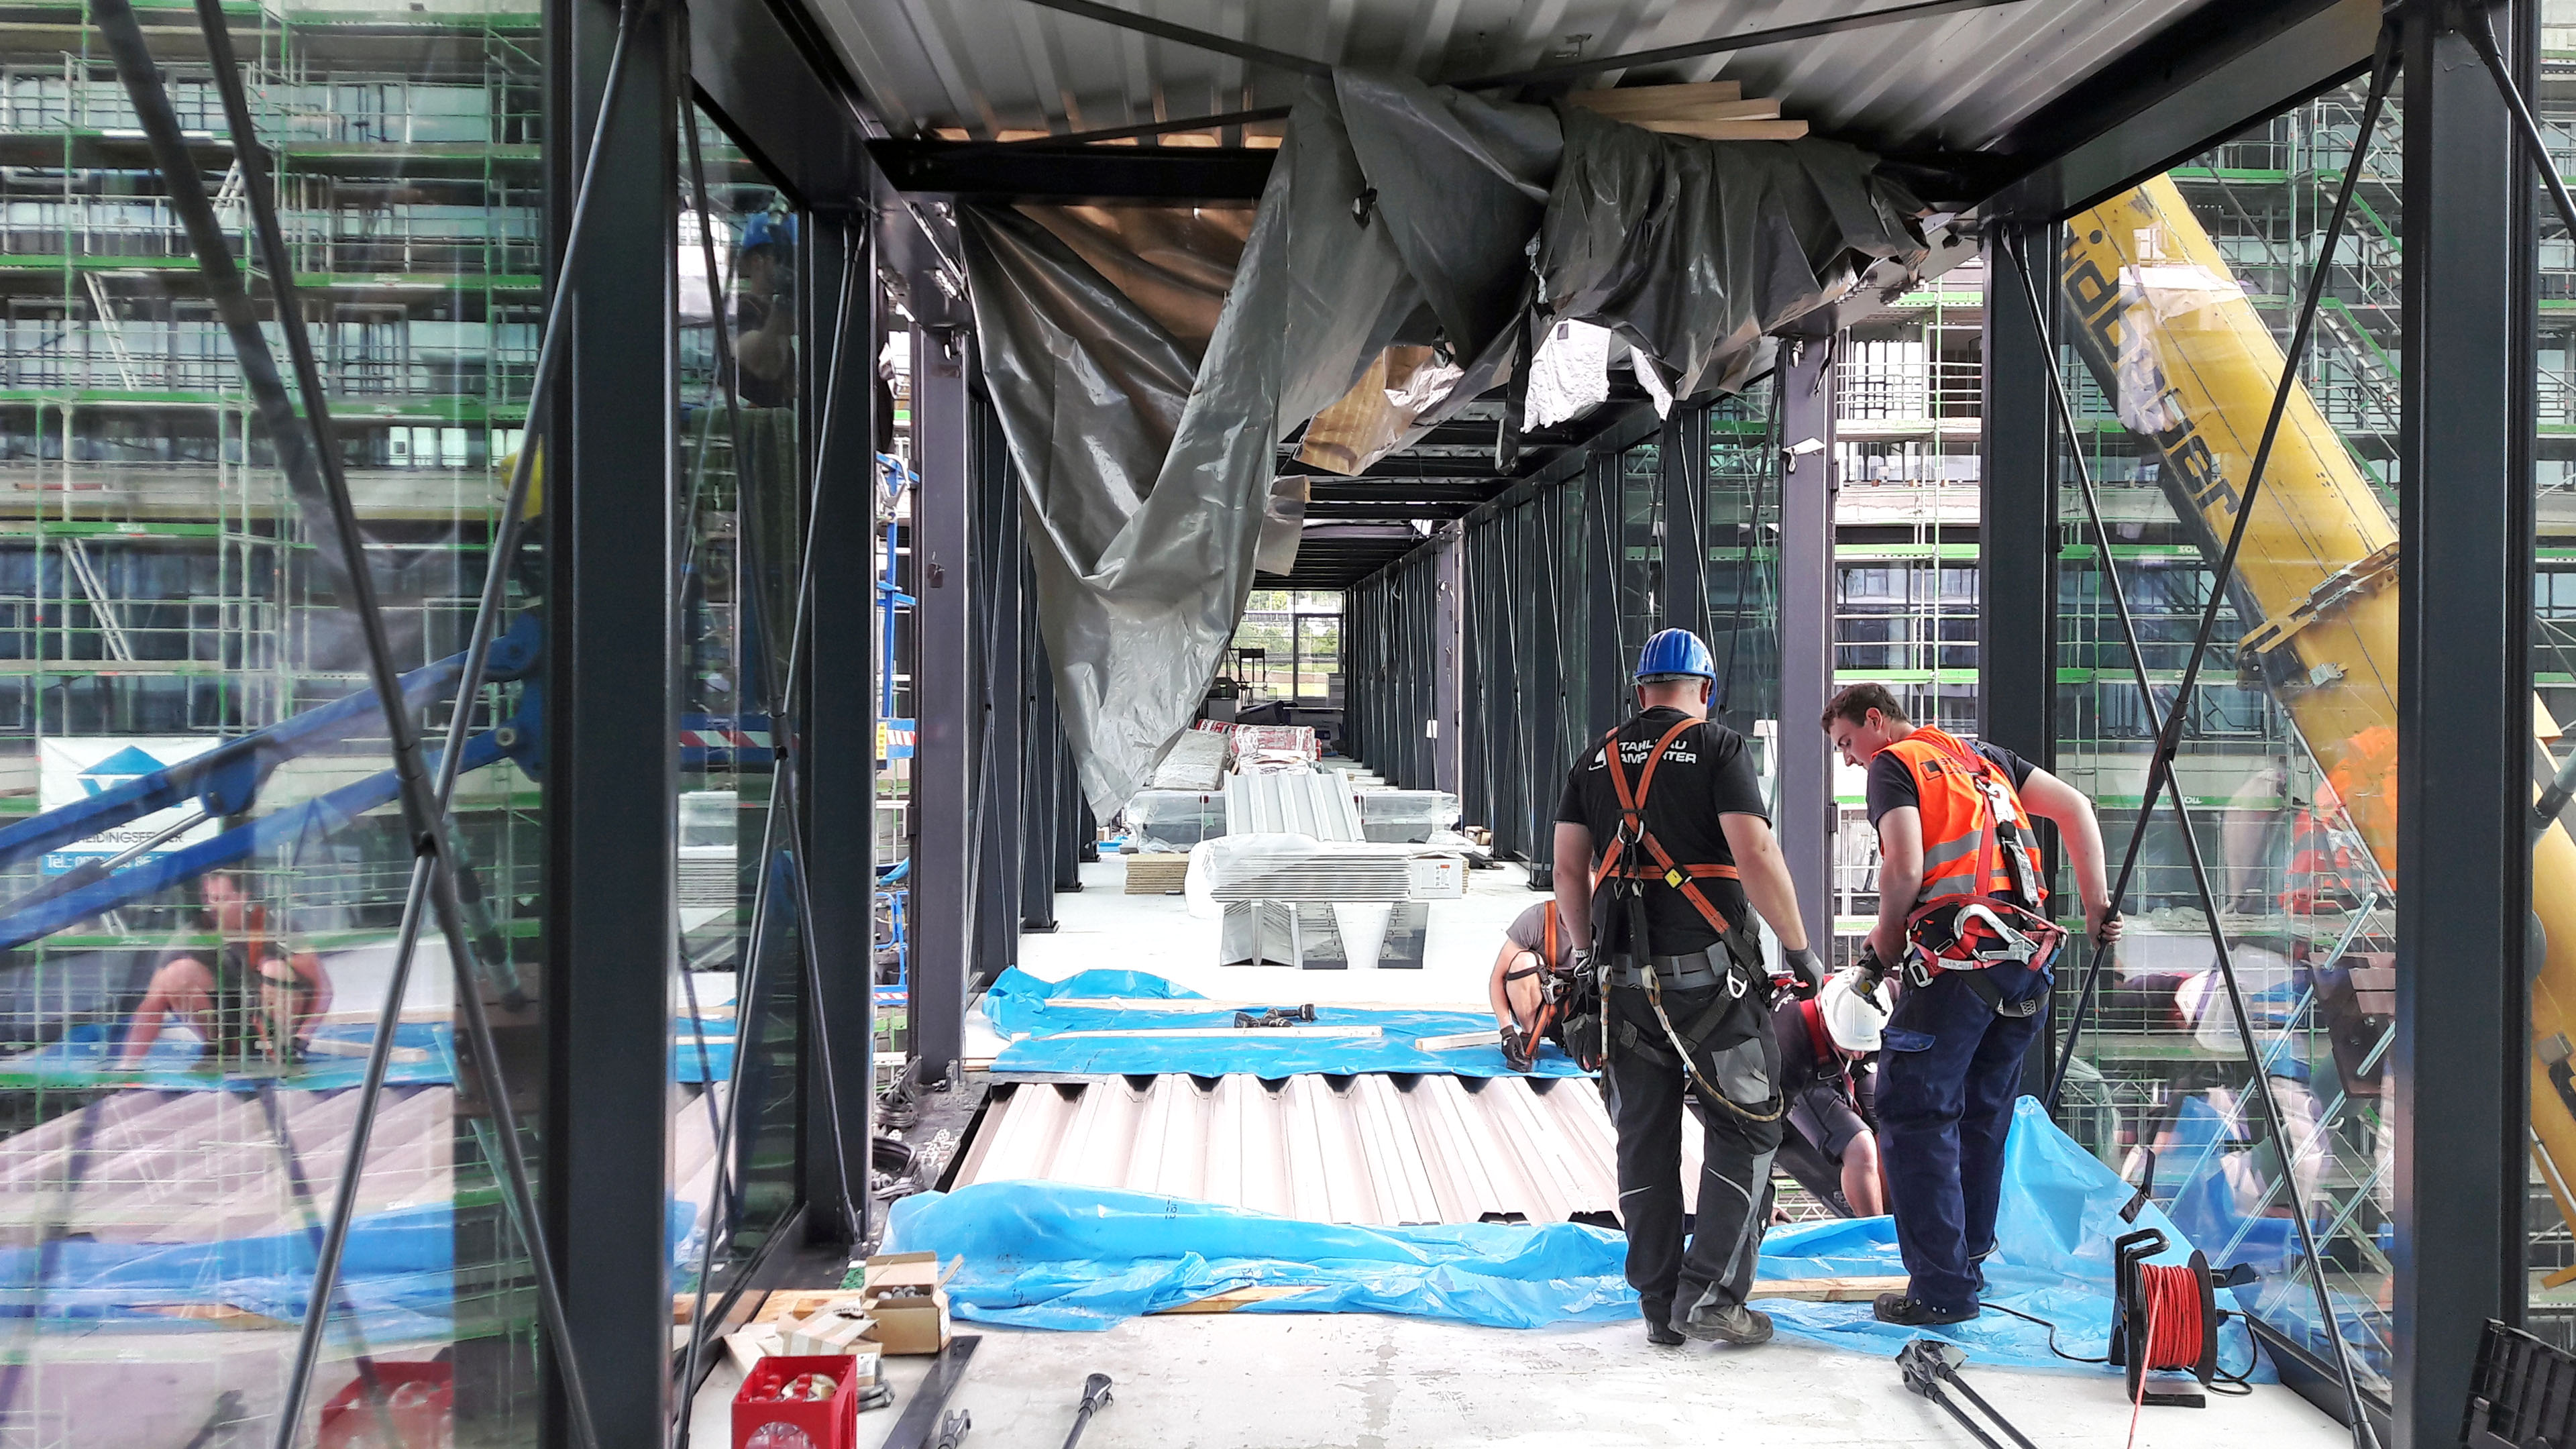 Blick in die Verbindungsbrücke aus Stahl und Glas